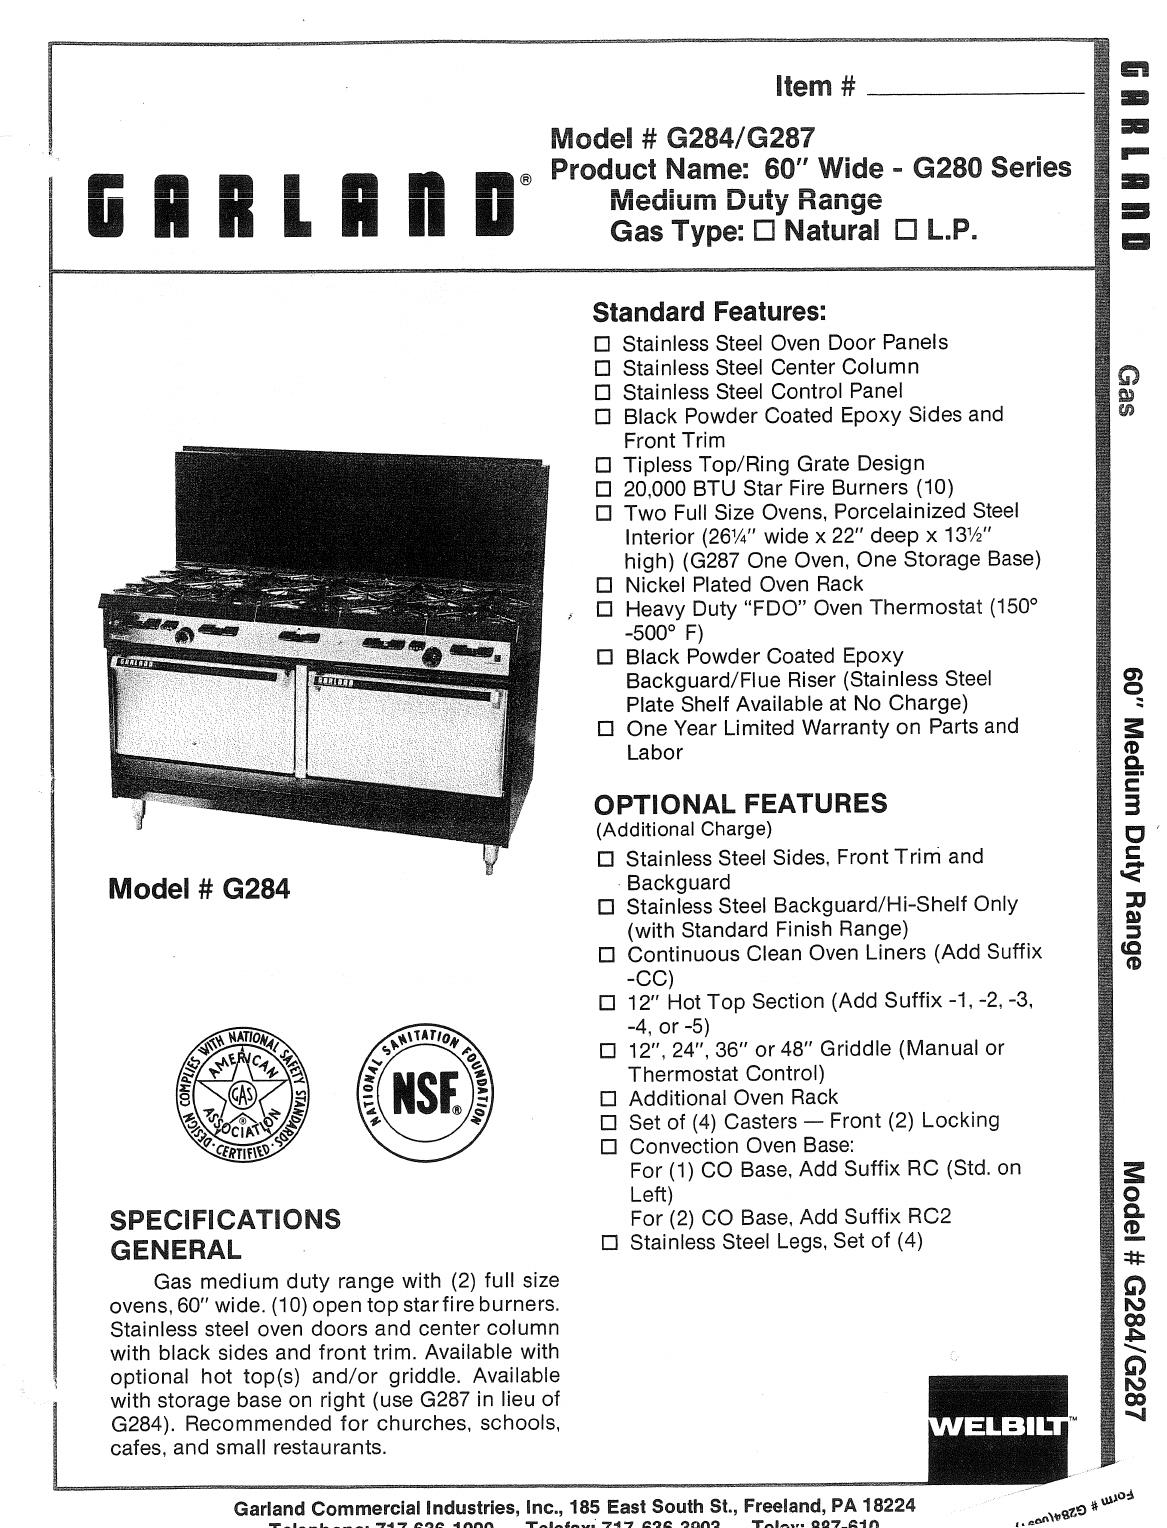 garland oven g284 user guide. Black Bedroom Furniture Sets. Home Design Ideas